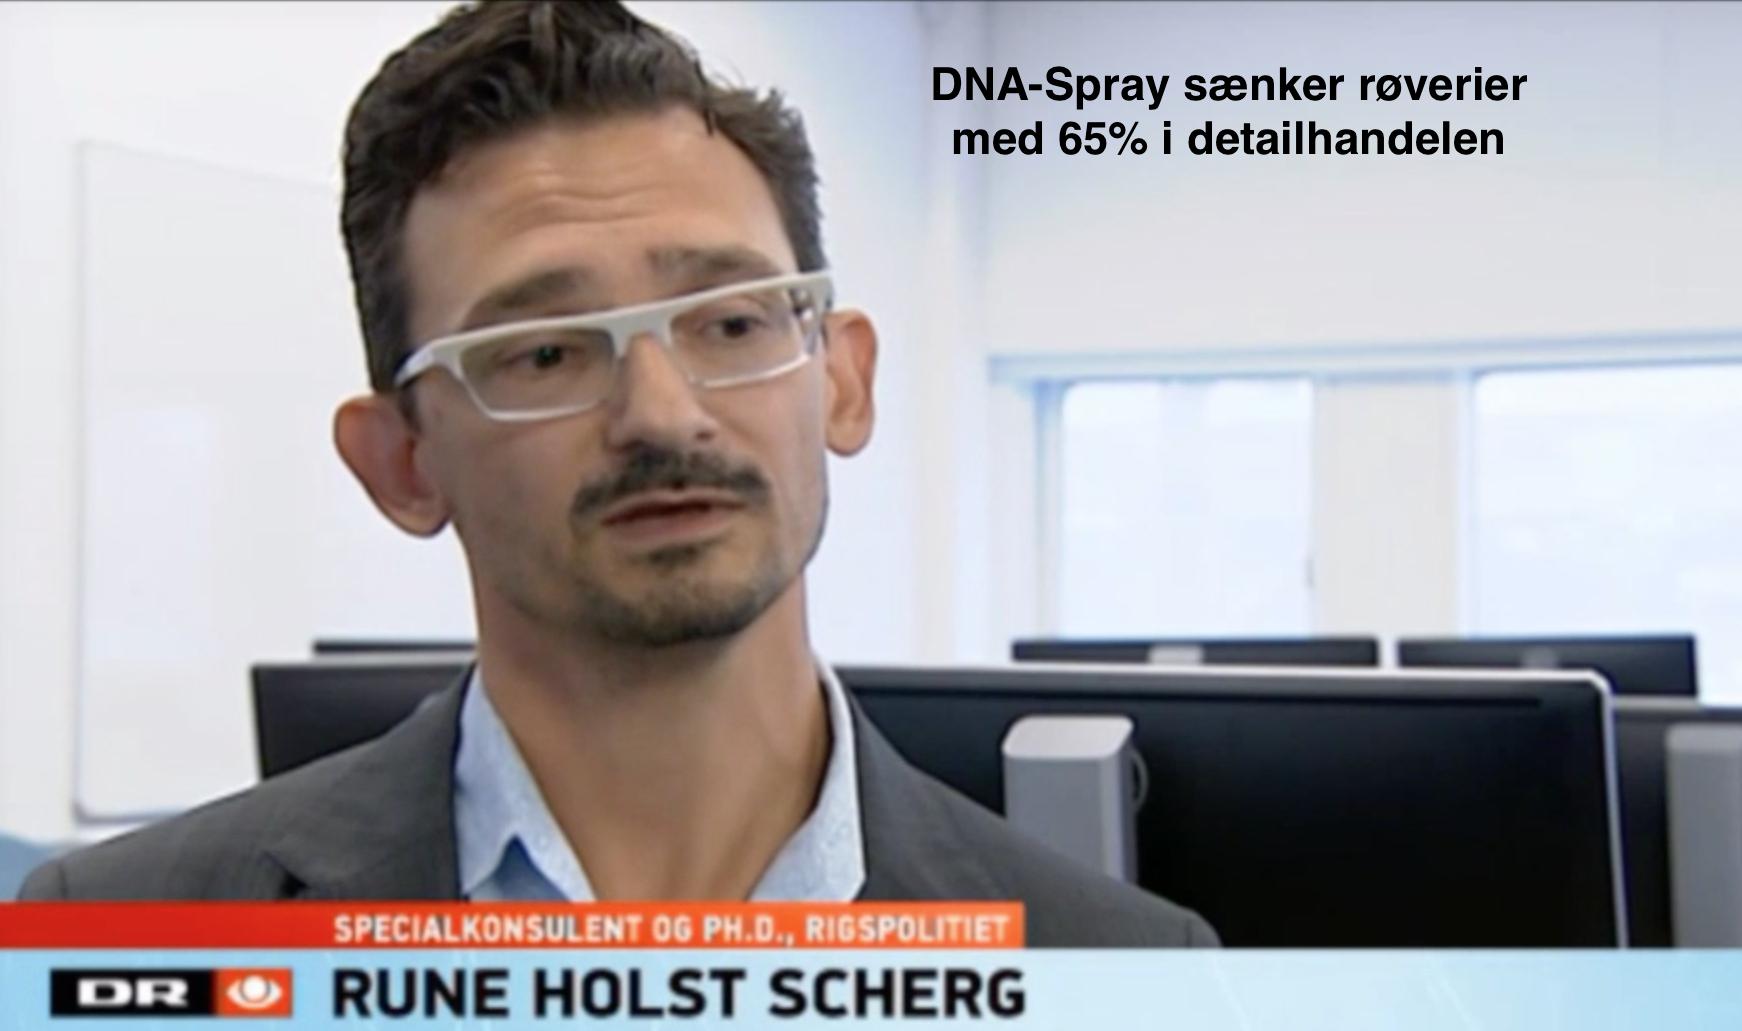 DNA-Spray sænkede røverier med 65% i detailhandelen